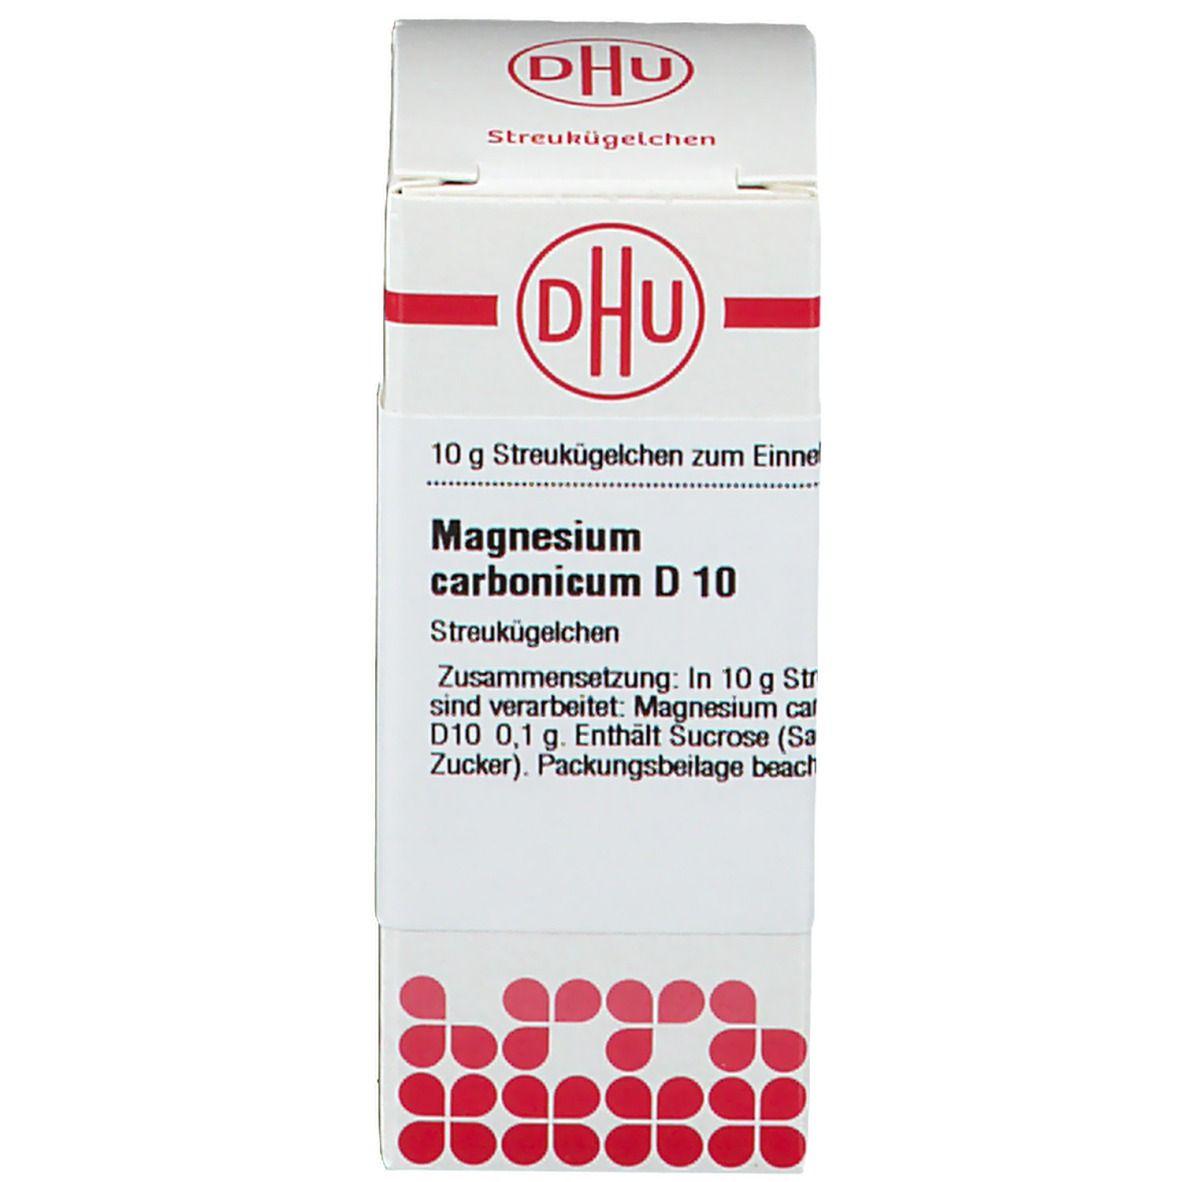 DHU Magnesium Carbonicum D10